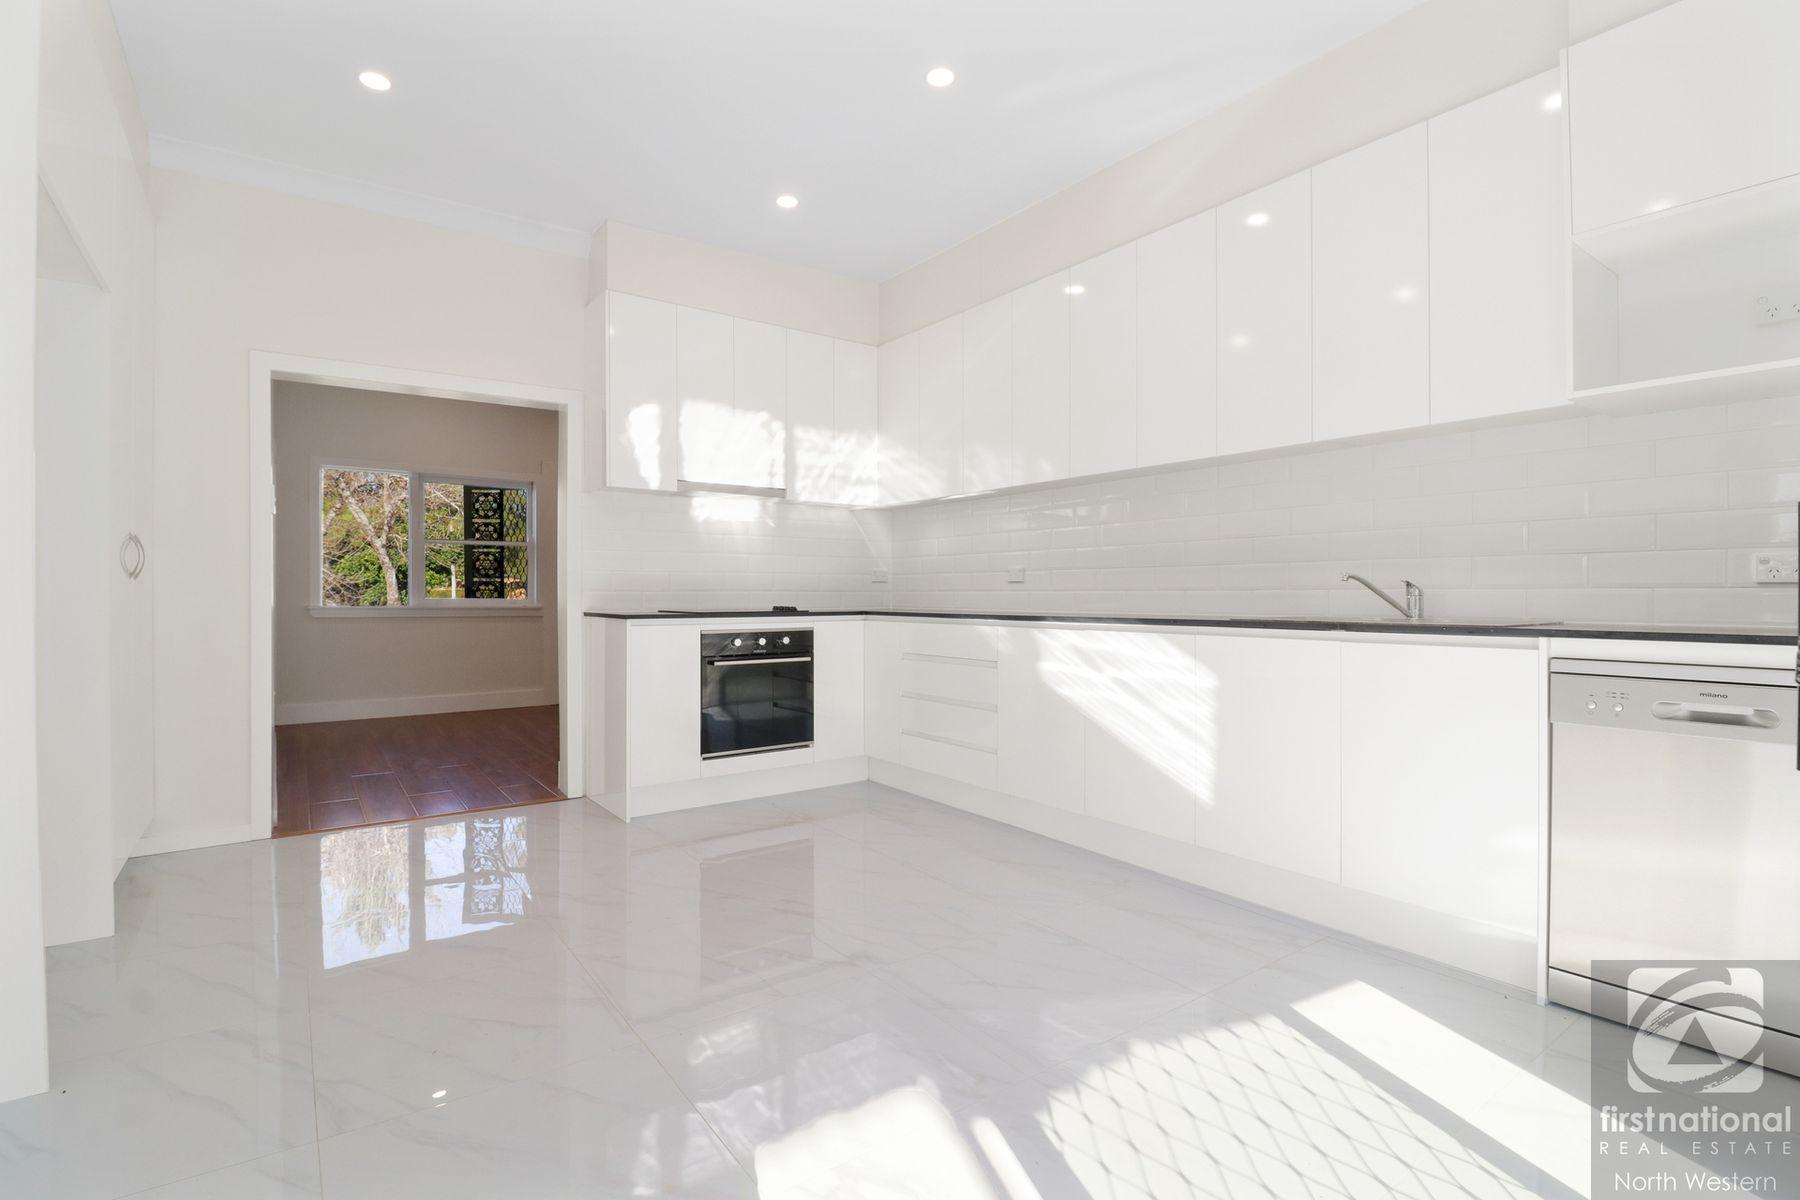 151 Annangrove Road, Annangrove, NSW 2156